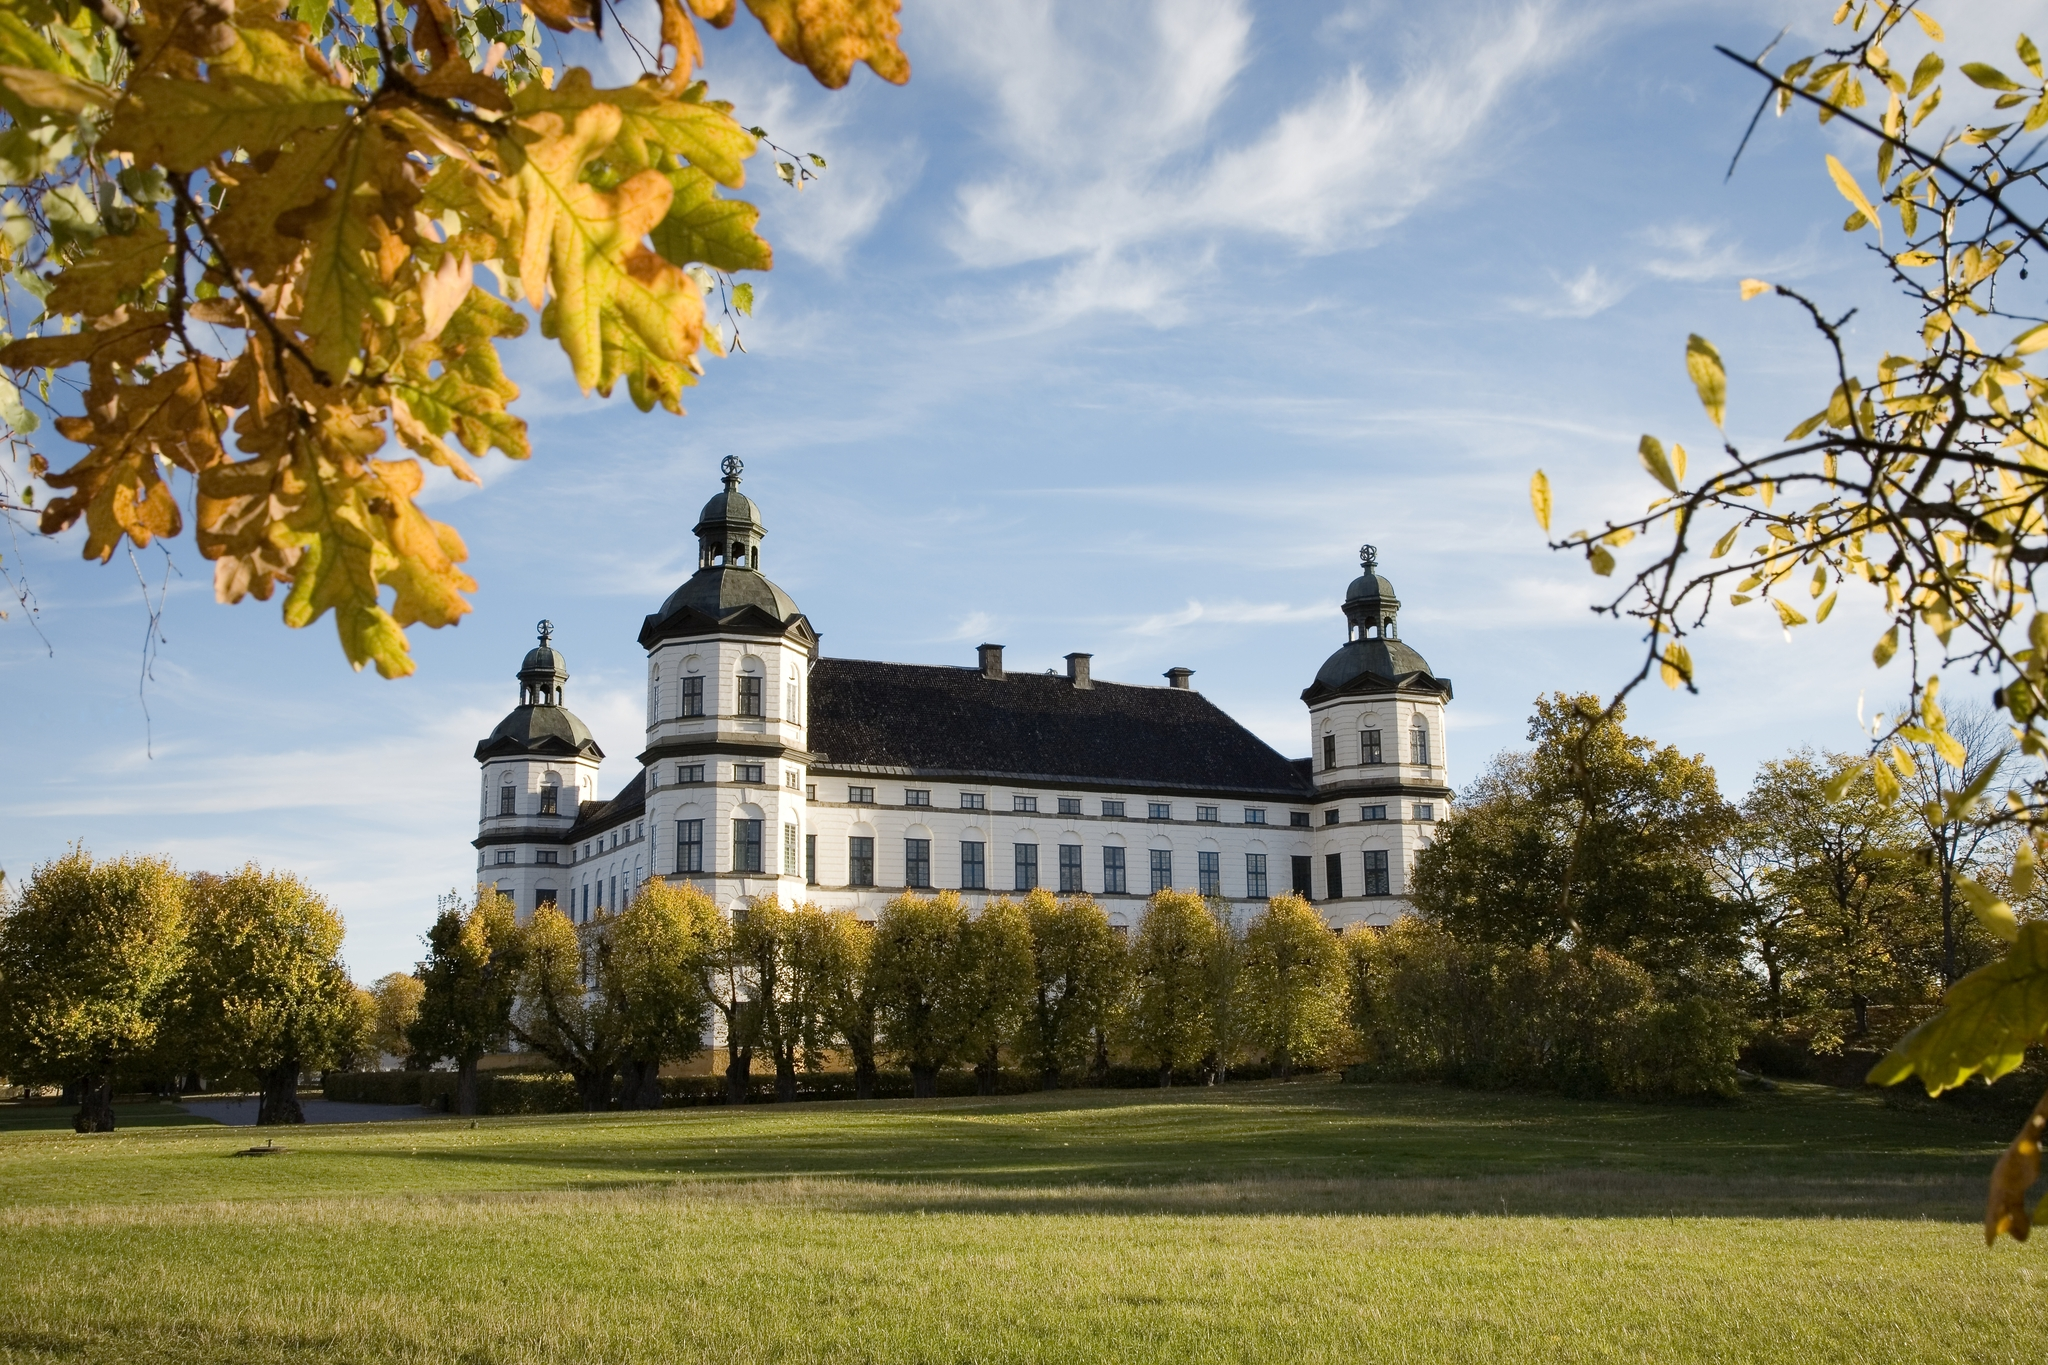 Skoklosters Slott en otoño Foto: Jens Mohr